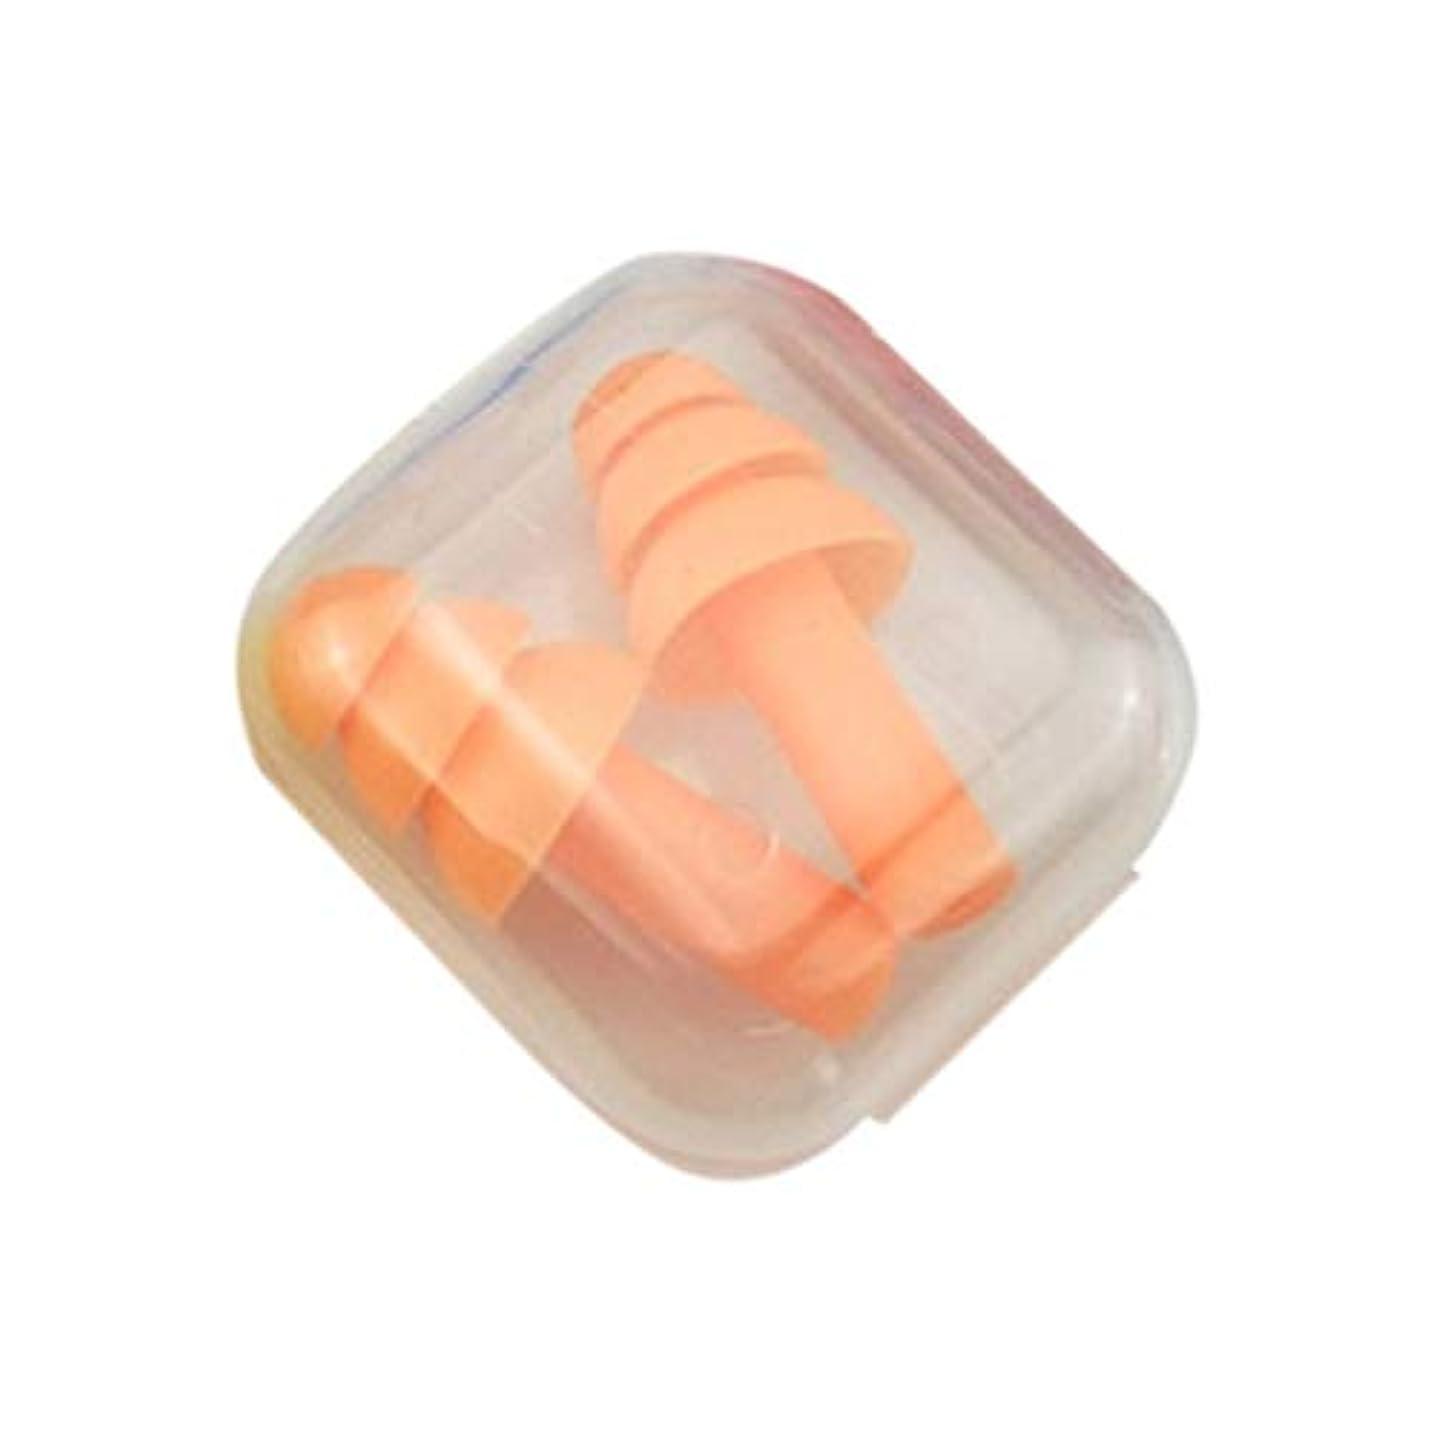 悪因子セクタ元に戻す柔らかいシリコーンの耳栓遮音用耳の保護用の耳栓防音睡眠ボックス付き収納ボックス - オレンジ